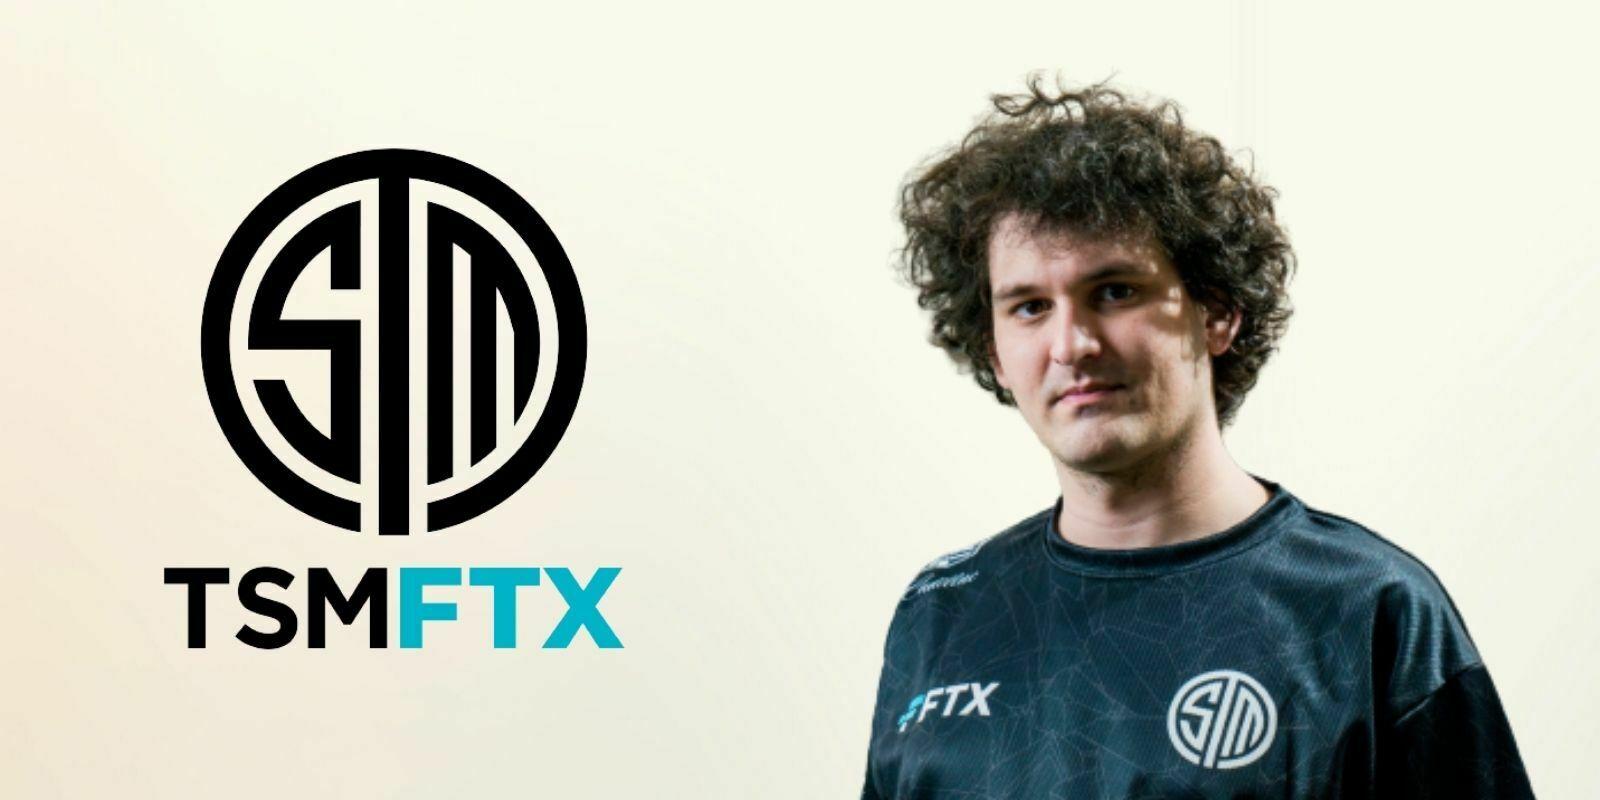 L'équipe e-sport TSM reçoit 210 millions de dollars de l'exchange FTX pour changer de nom